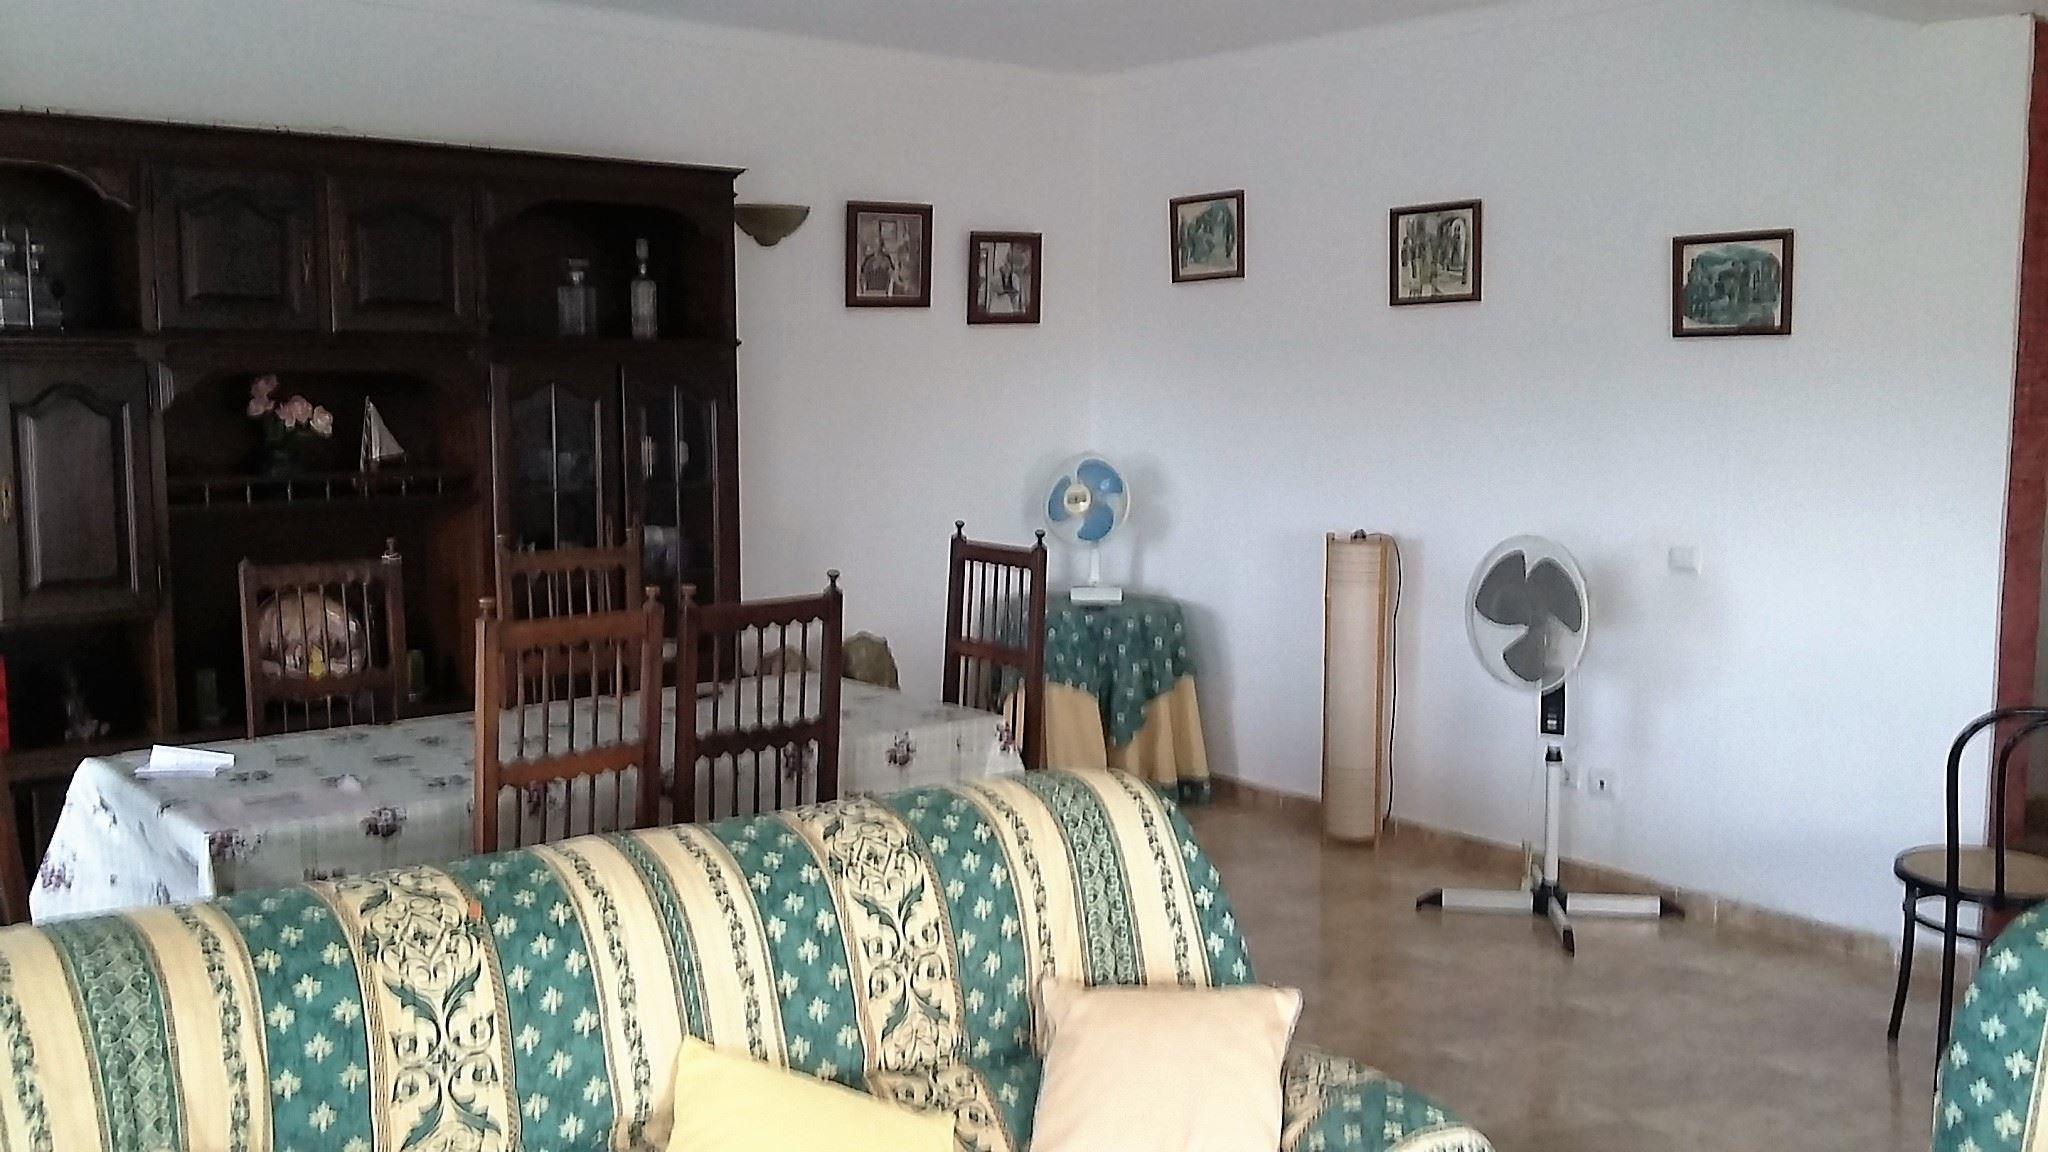 Location appartements et villas de vacance, Casa Vista Mar – Pêra – Armação de Pêra – Algarve. à Pêra, Portugal Algarve, REF_IMG_541_554